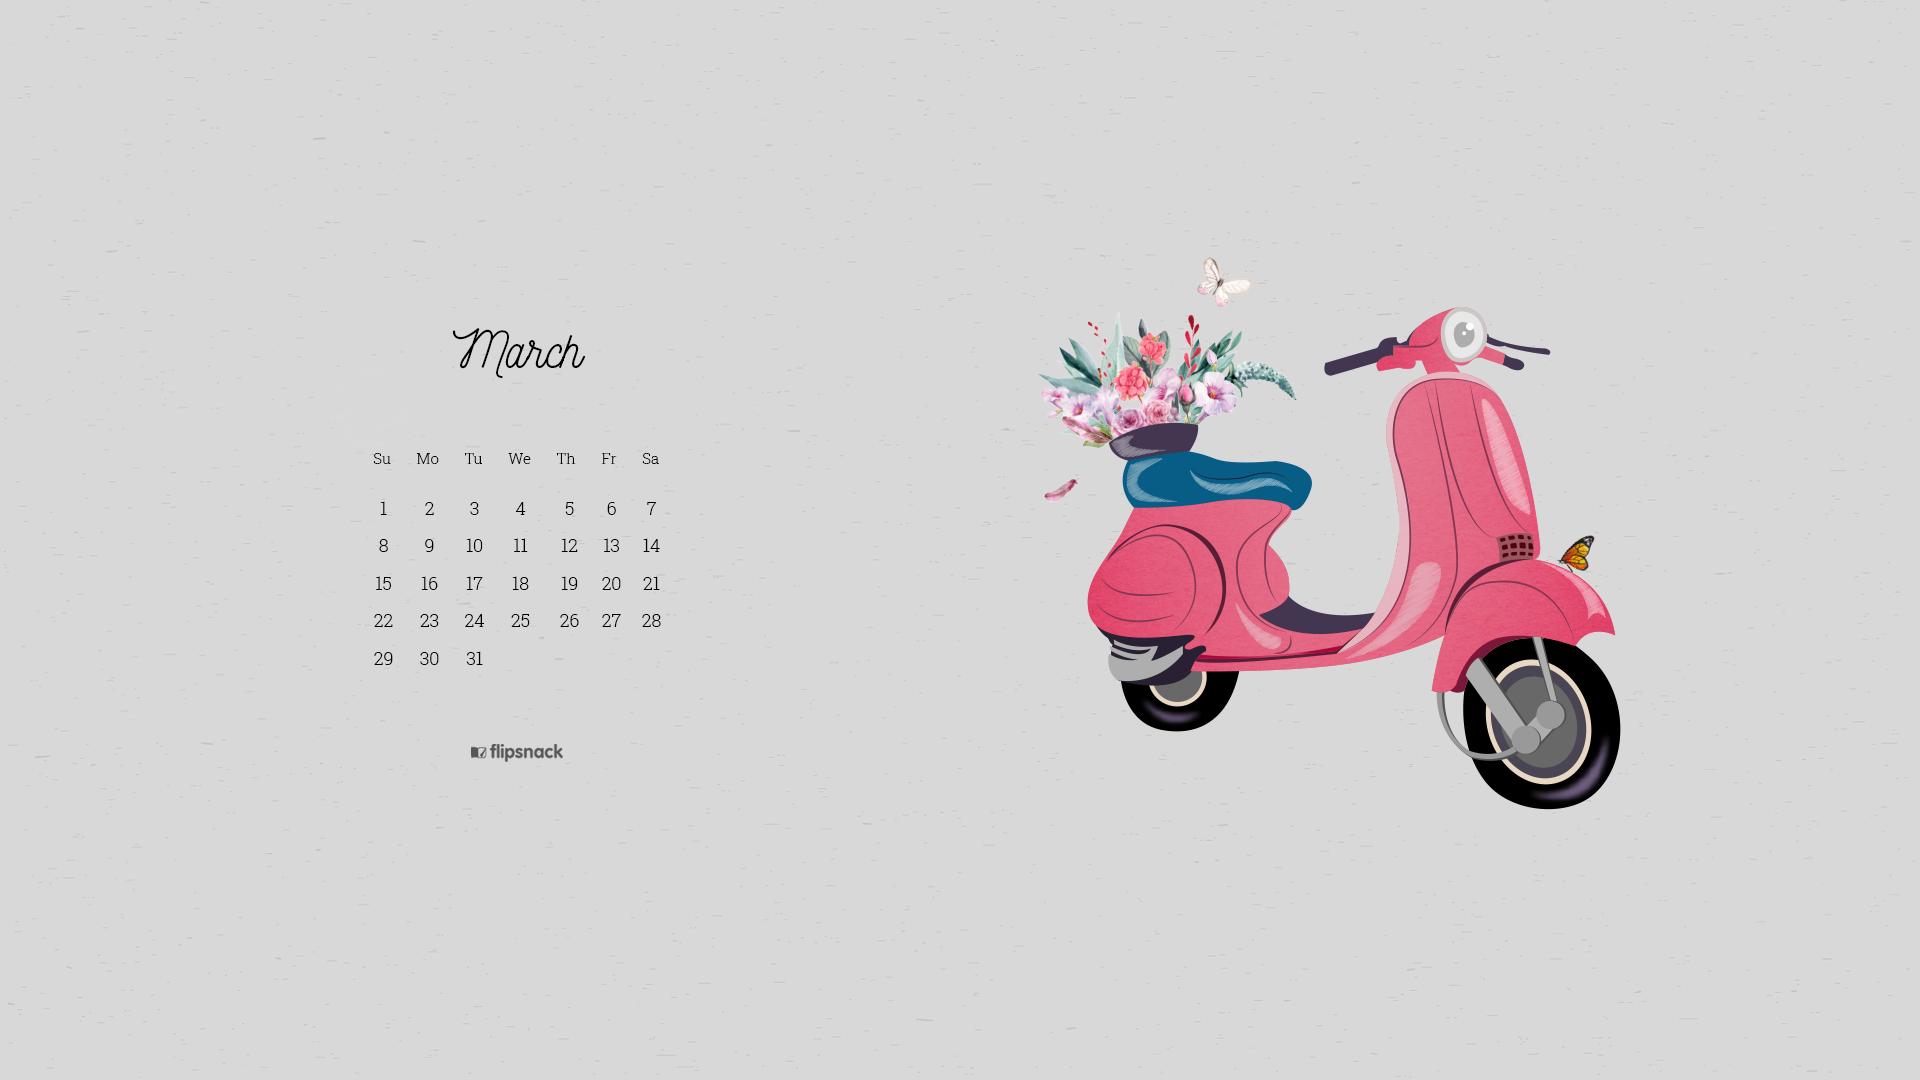 march calendar 2020 wallpaper